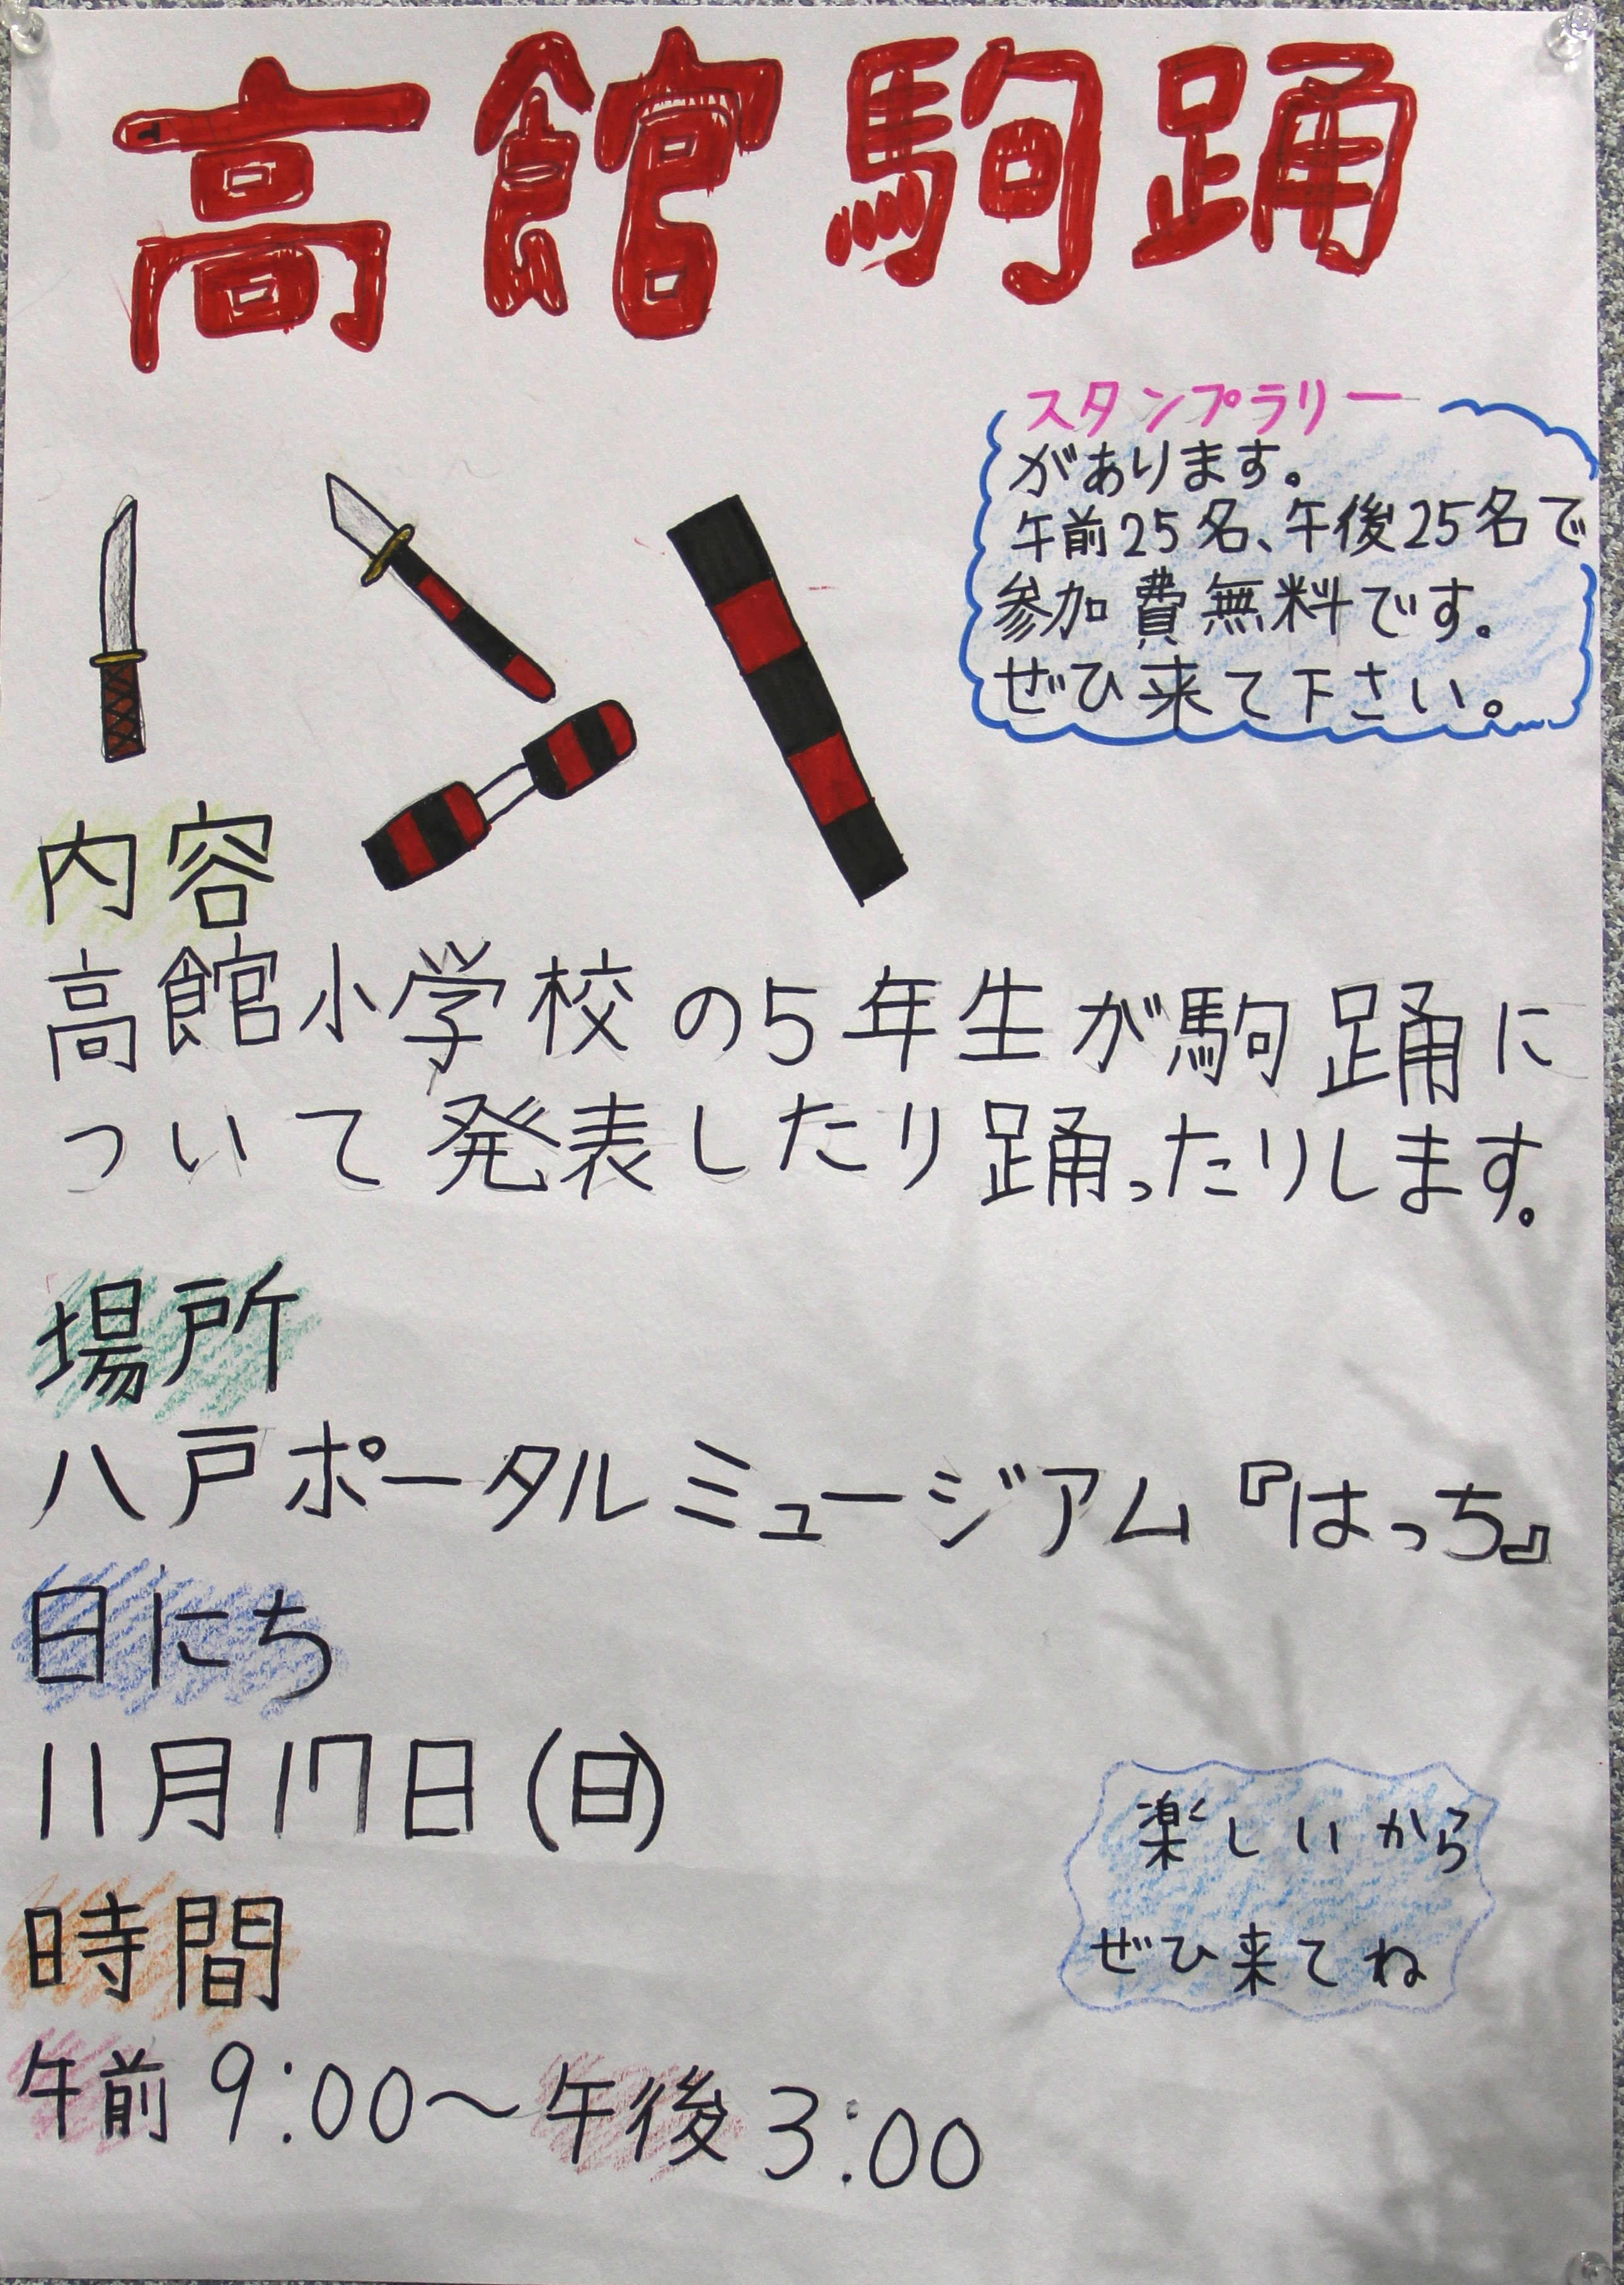 http://hacchi.jp/blog/upload/images/20131112_02.JPG